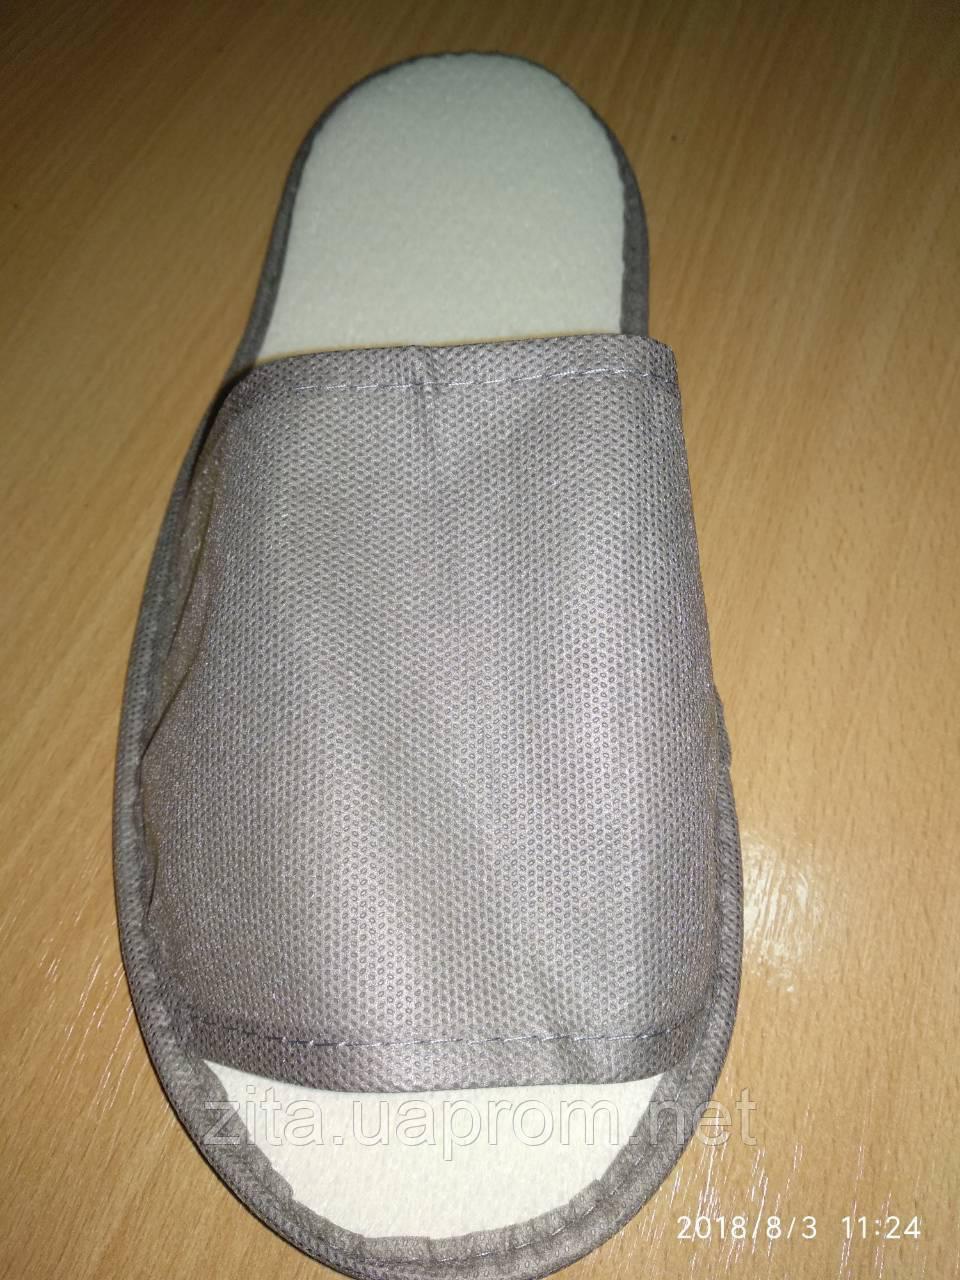 c5eb1a9ac Одноразовые тапочки для сауны, гостиничные тапки модель Д2: продажа ...